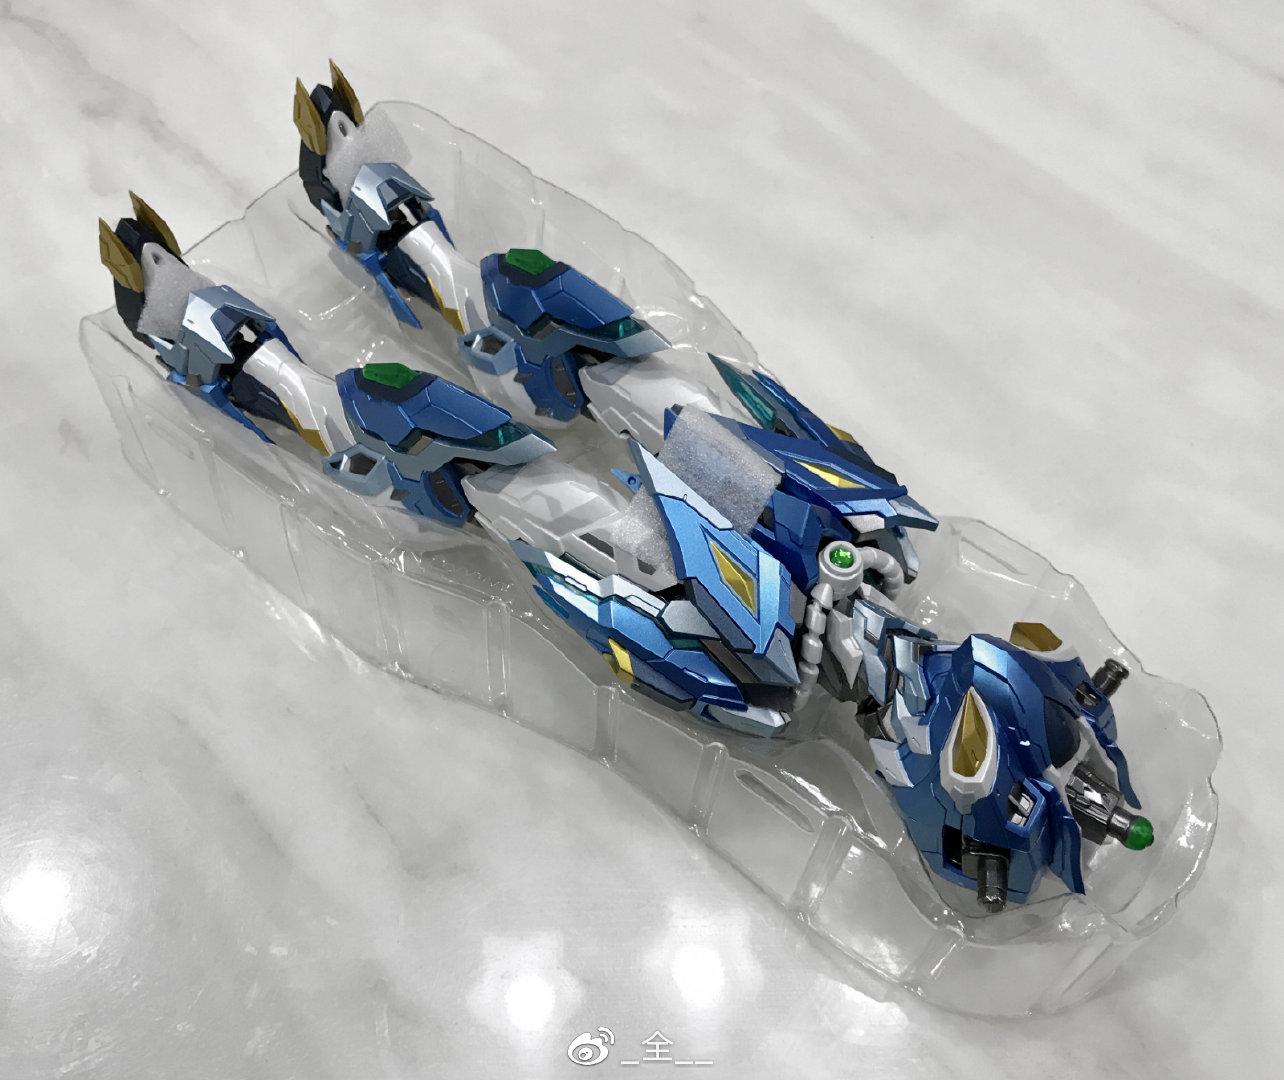 S470_MOTOR_NUCLEAR_MN_Q03_blue_gragon_ao_bing_di_hui_xing_han_long_zi_012.jpg